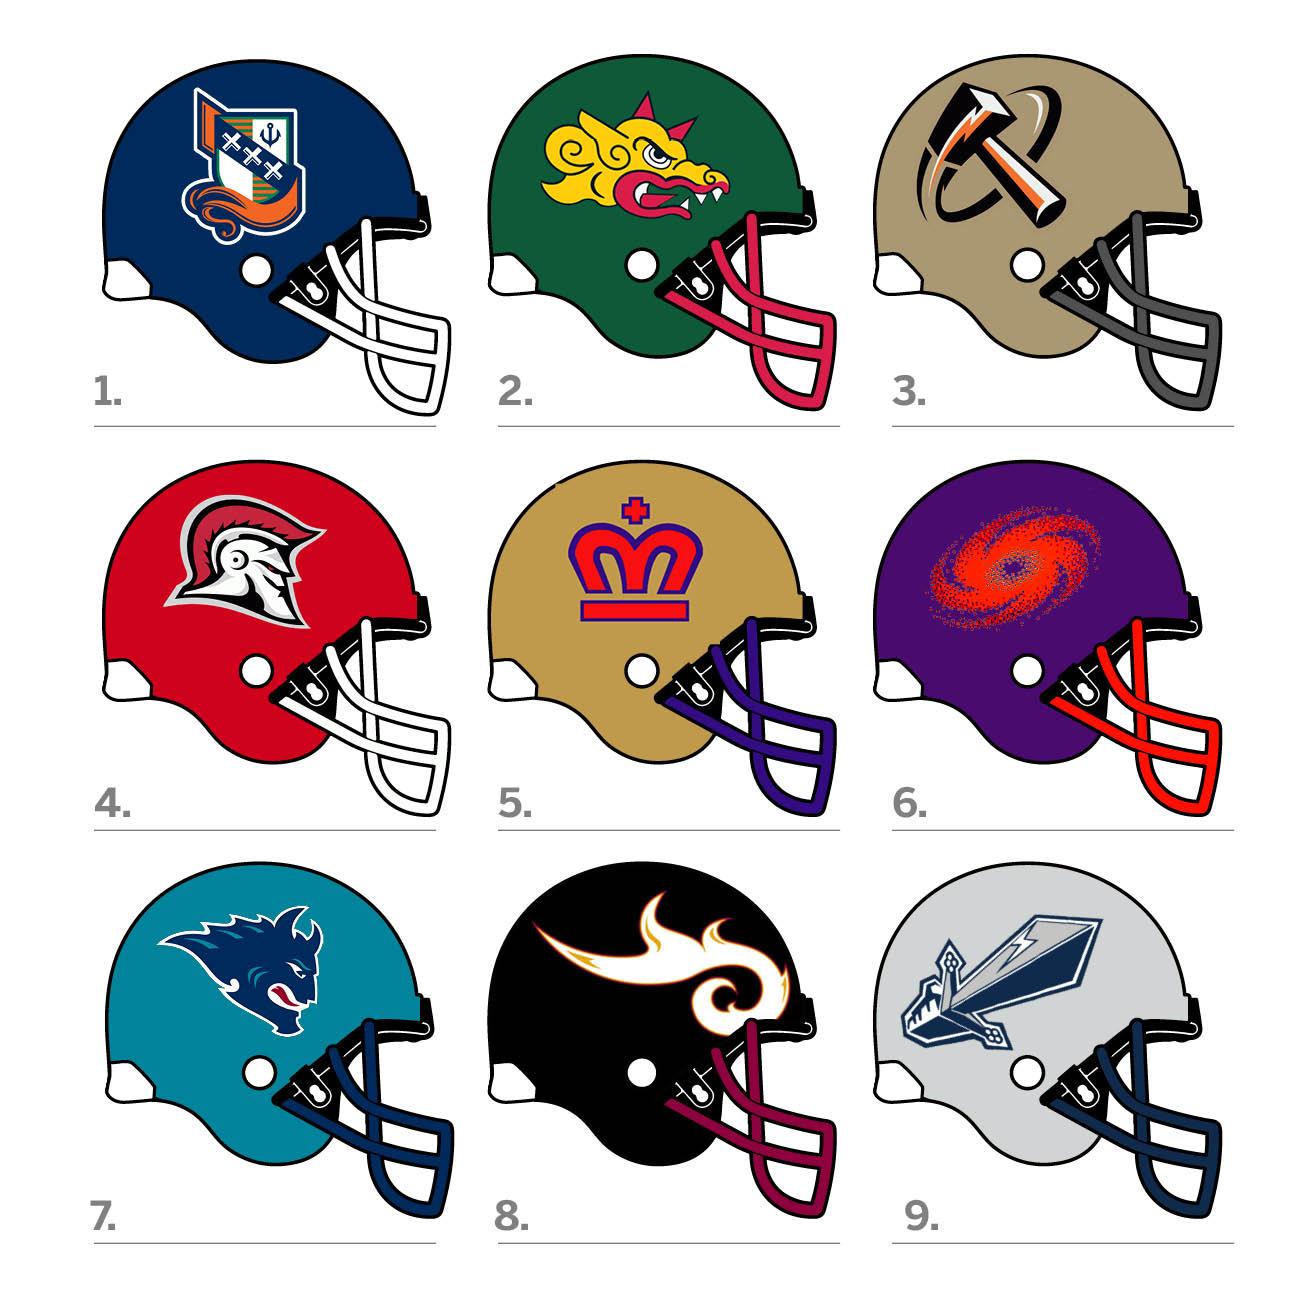 helmets_grid2.jpg